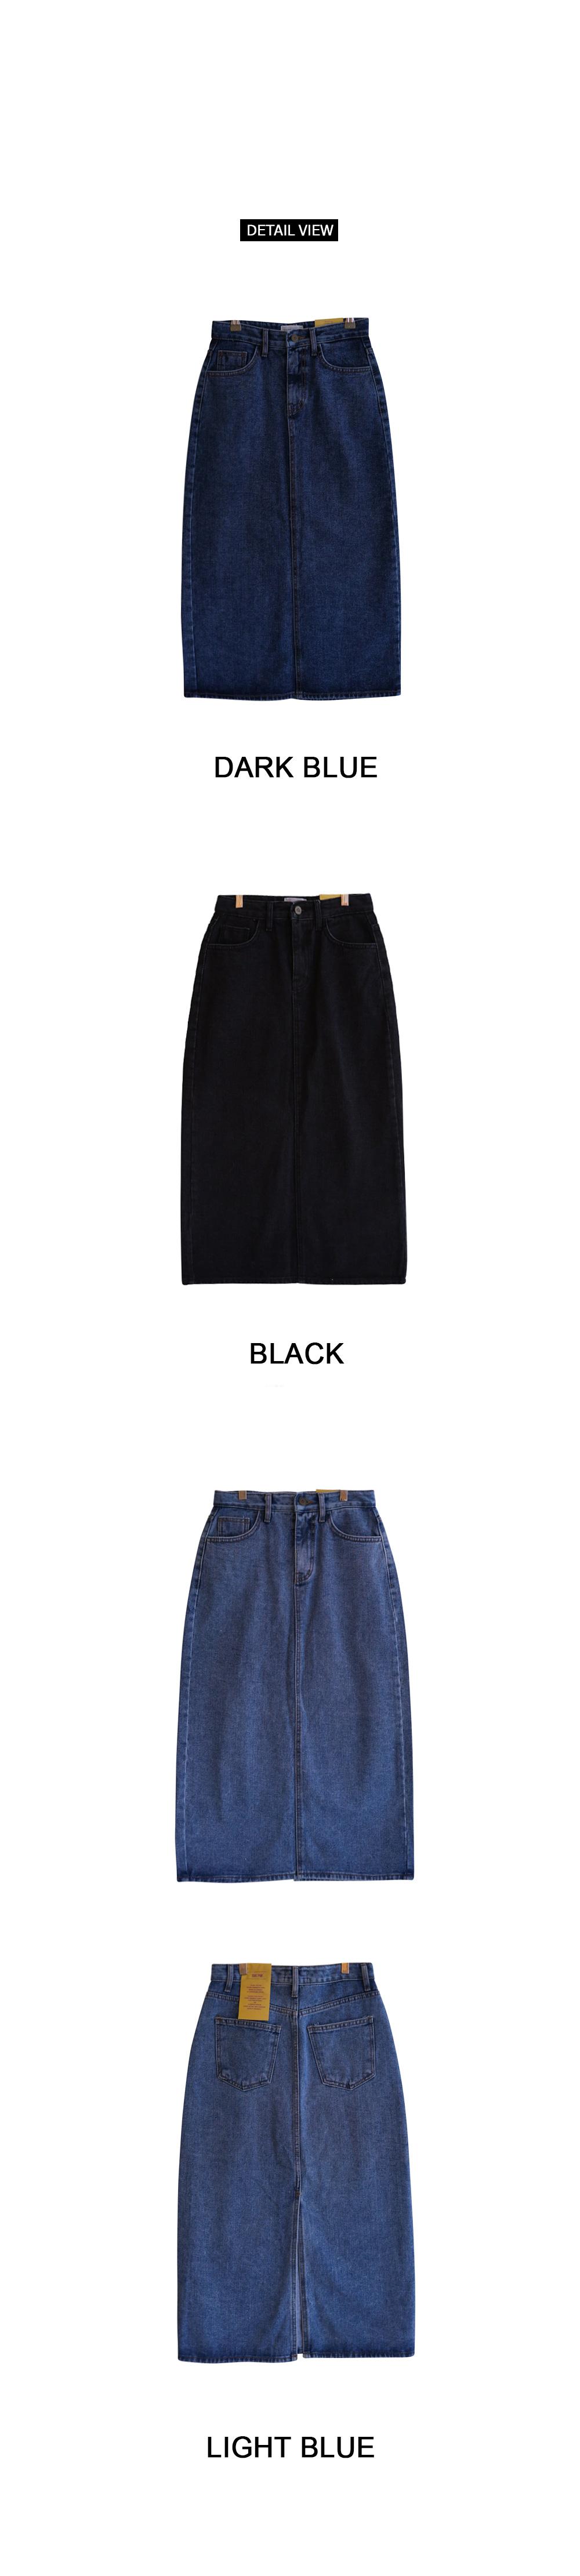 Basic Date Long Denim Skirt